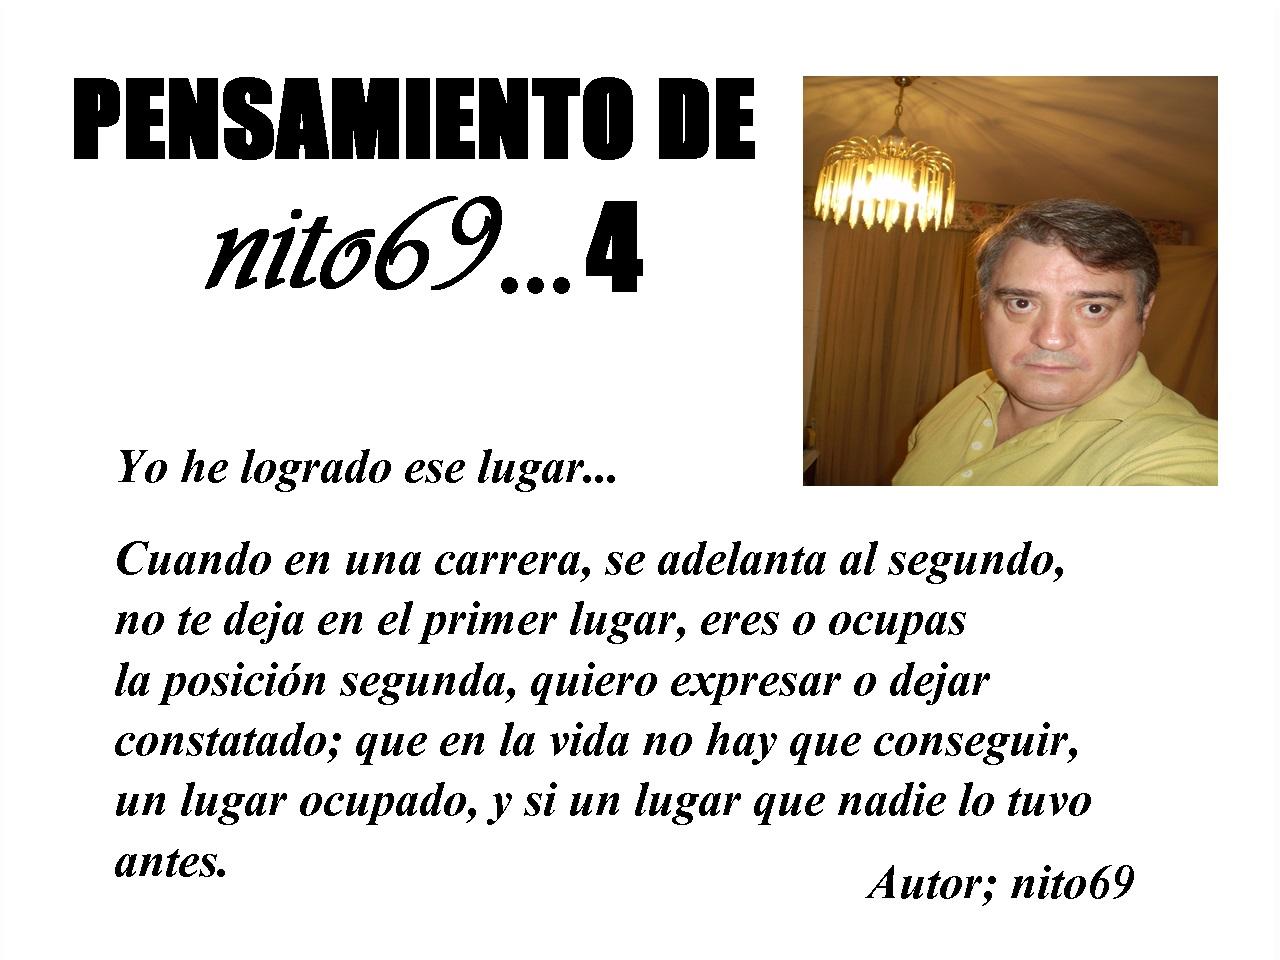 PENSAMIENTO DE nito69...4